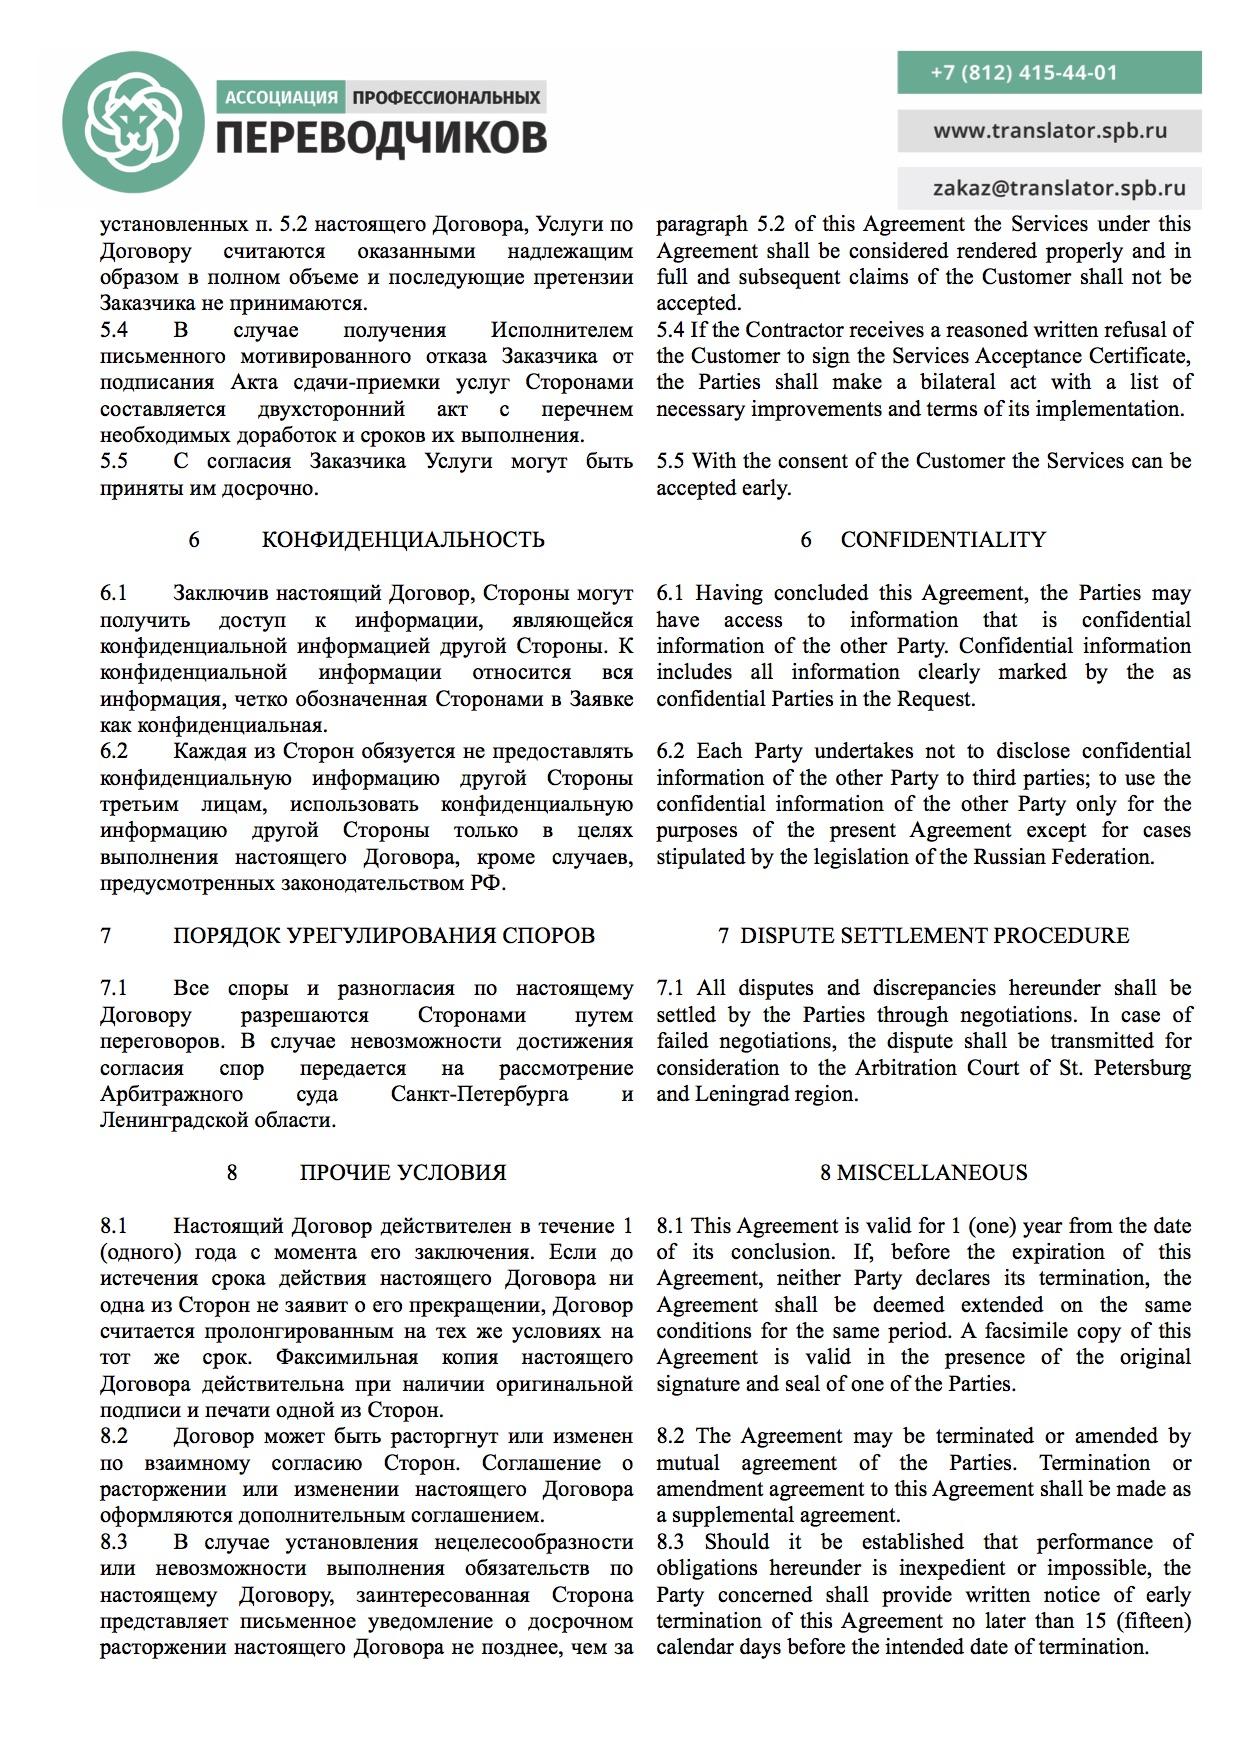 Juristische Übersetzung